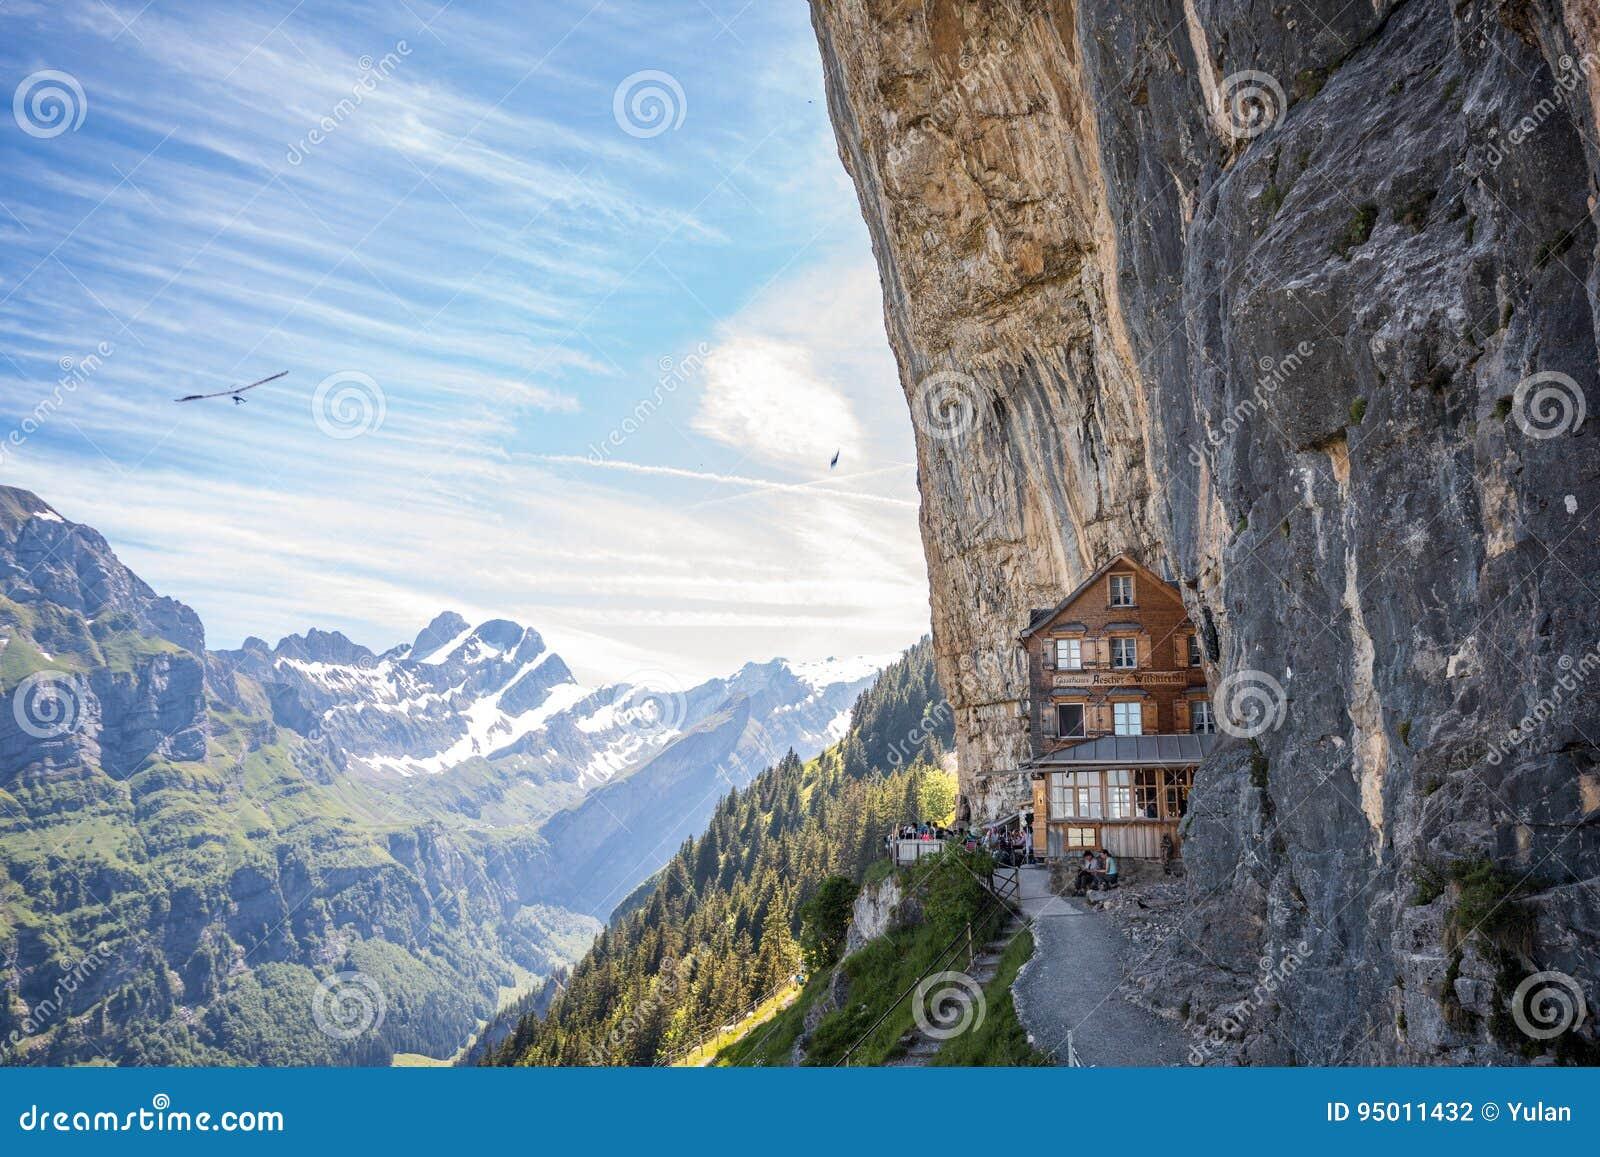 Ebenalp with its famous cliff inn Aescher, Switzerland